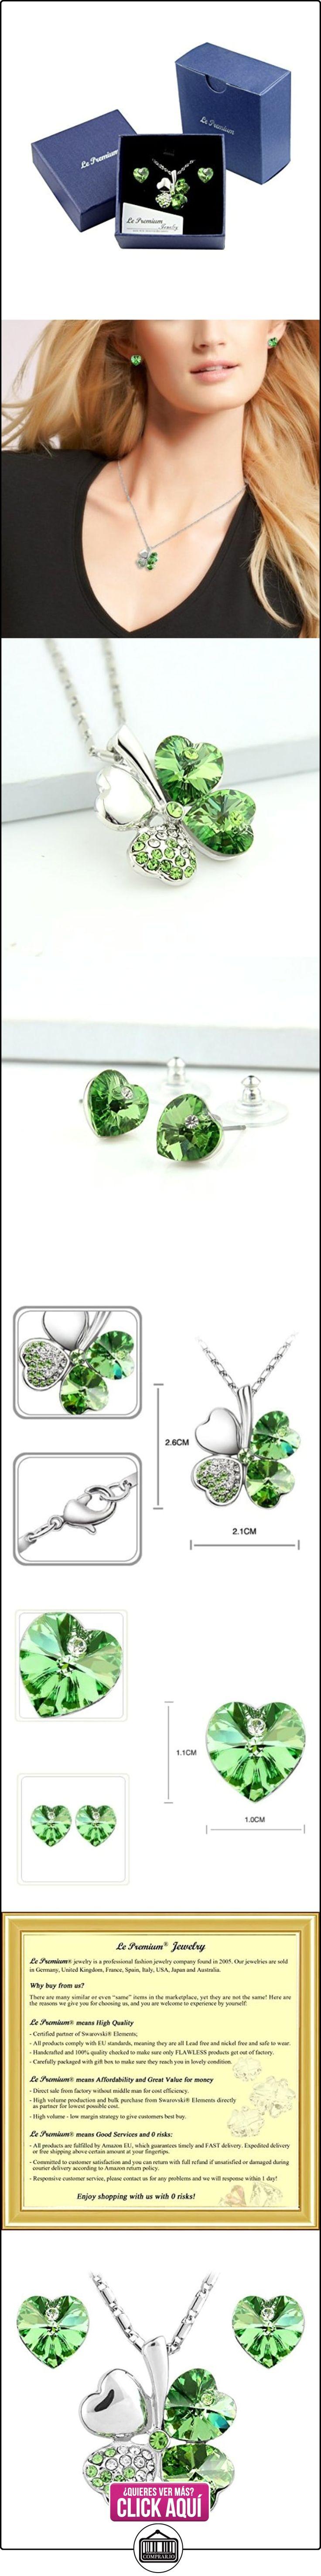 Le Premium® joyería Set colgante Trébol collar + Stud Pendientes en forma de corazón de SWAROVSKI peridoto cristales verdes  ✿ Joyas para mujer - Las mejores ofertas ✿ ▬► Ver oferta: https://comprar.io/goto/B00A3BPVI2